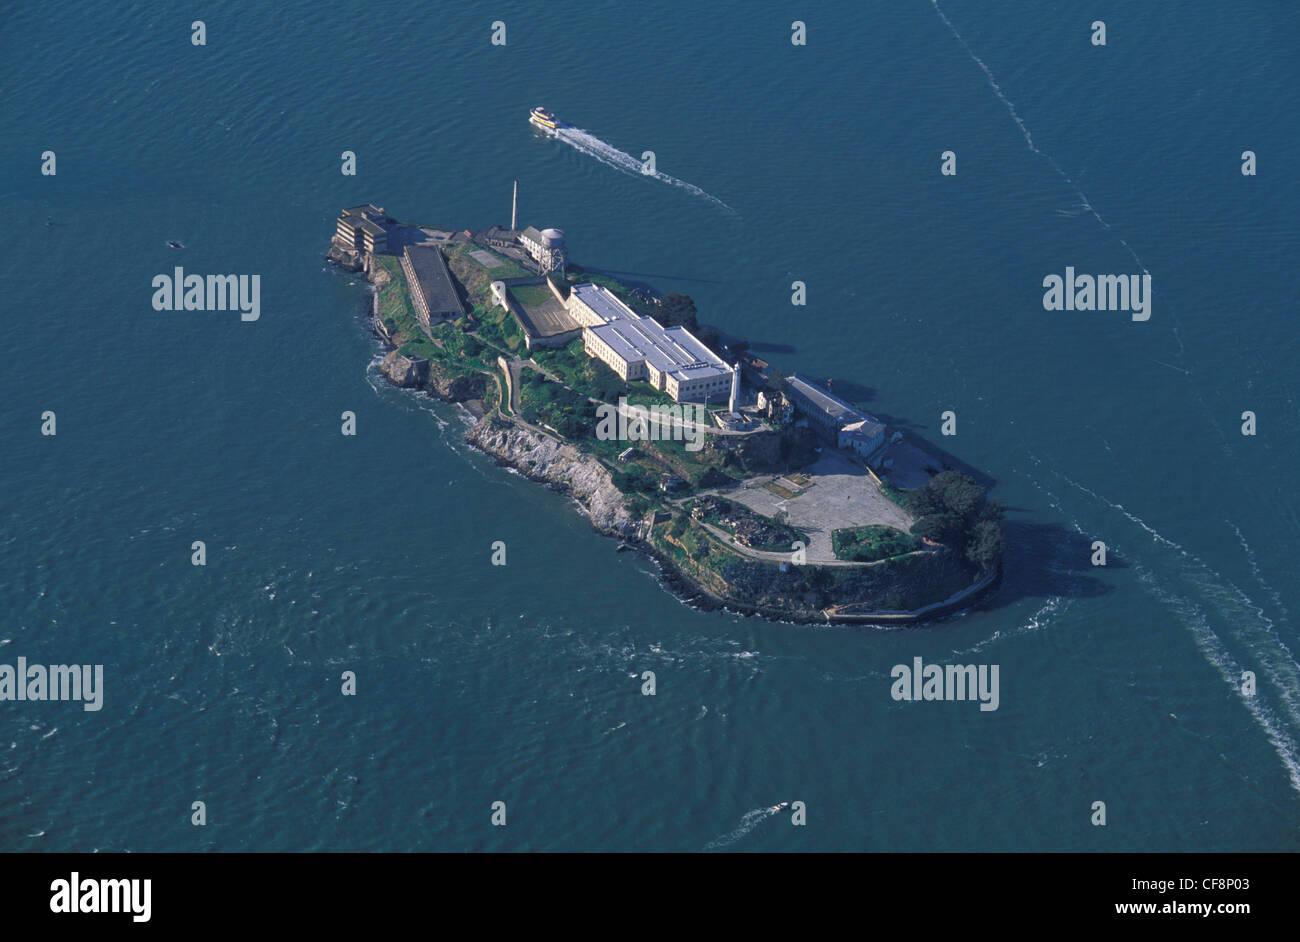 Alcatraz, San Francisco Bay, California, USA, United States, America, Aerial view, island, prison, tour boat, compound - Stock Image